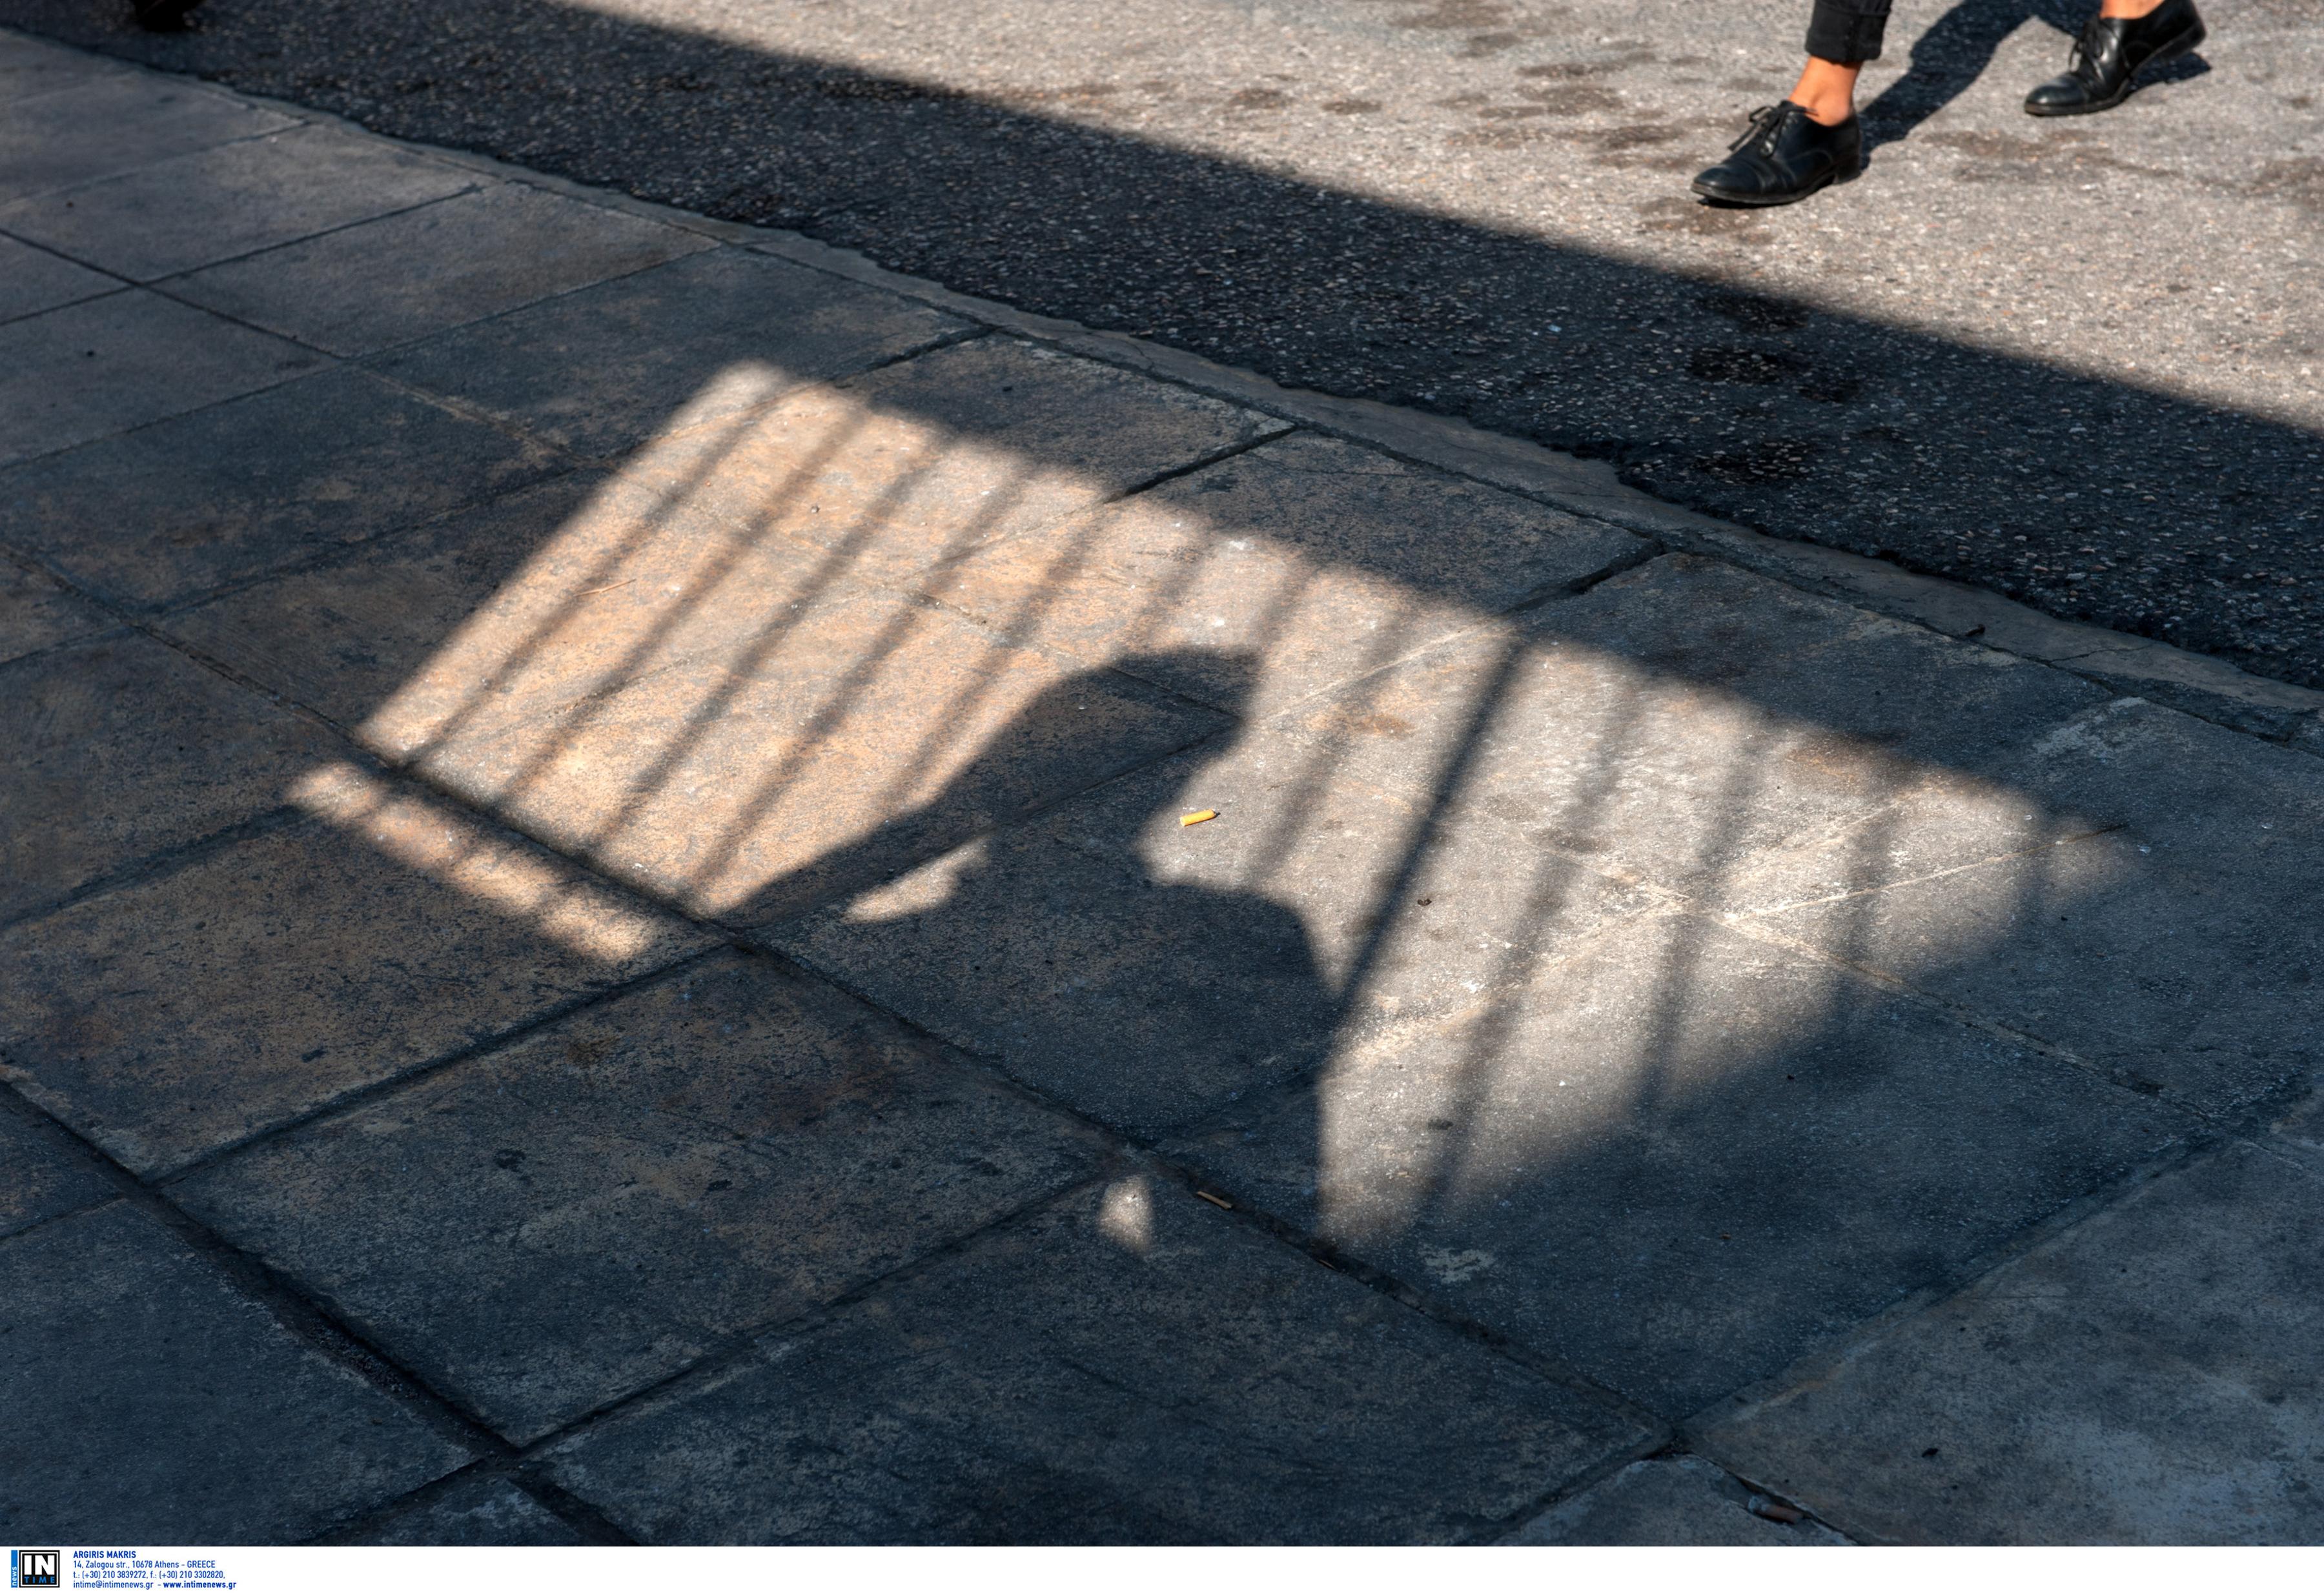 Ηράκλειο: 13χρονος έκοβε «βόλτες» μεθυσμένος στο προαύλιο του σχολείου του